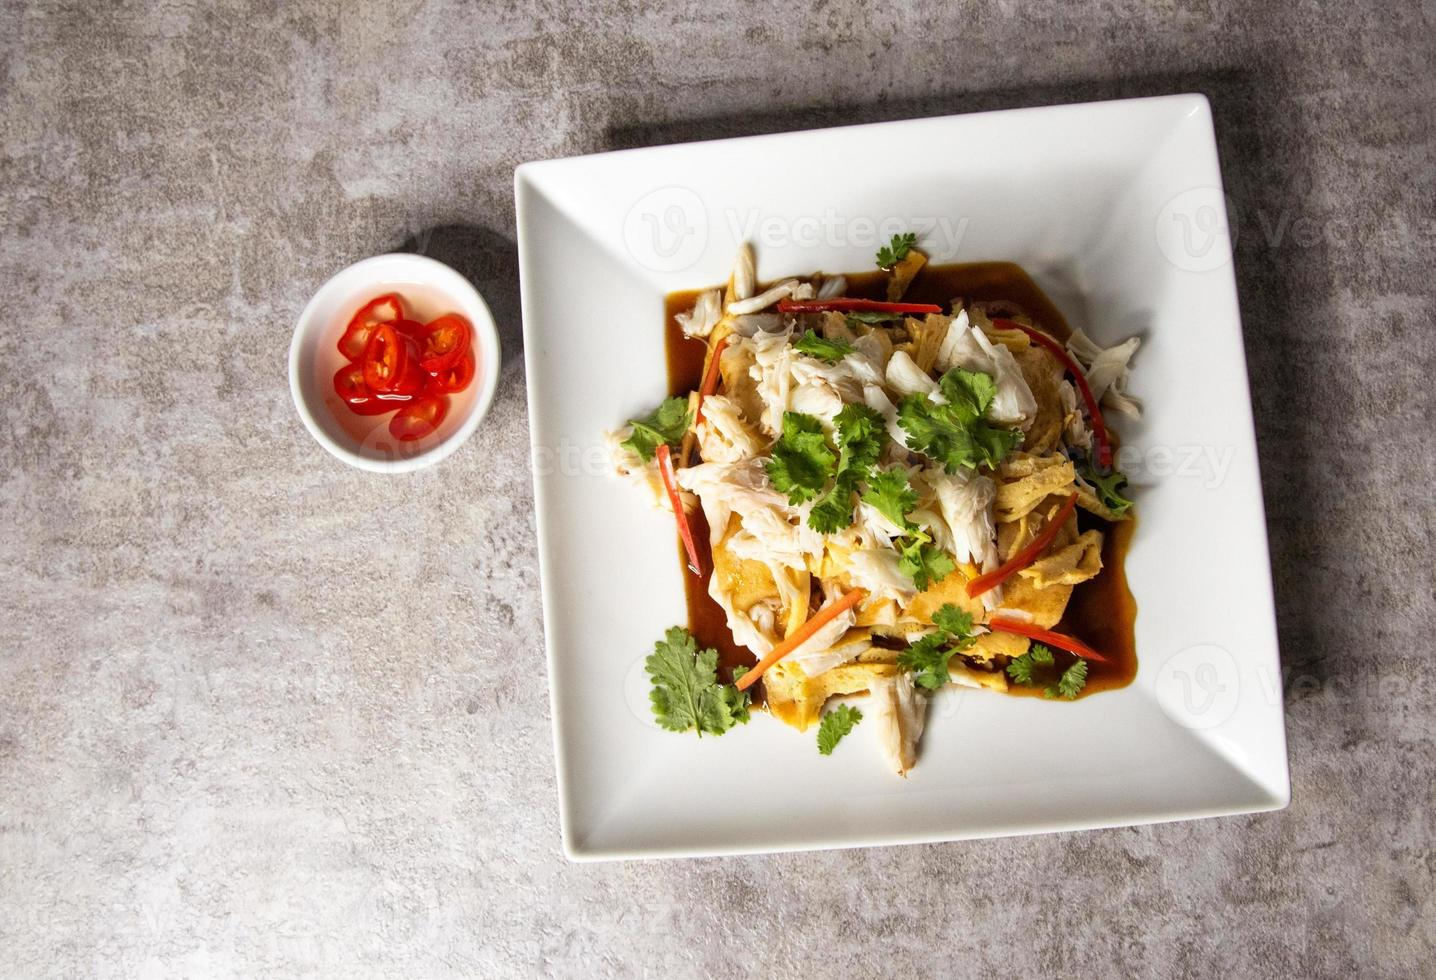 rouleaux de printemps frais et chair de crabe et sauce sucrée cuisine chinoise thaïlandaise photo